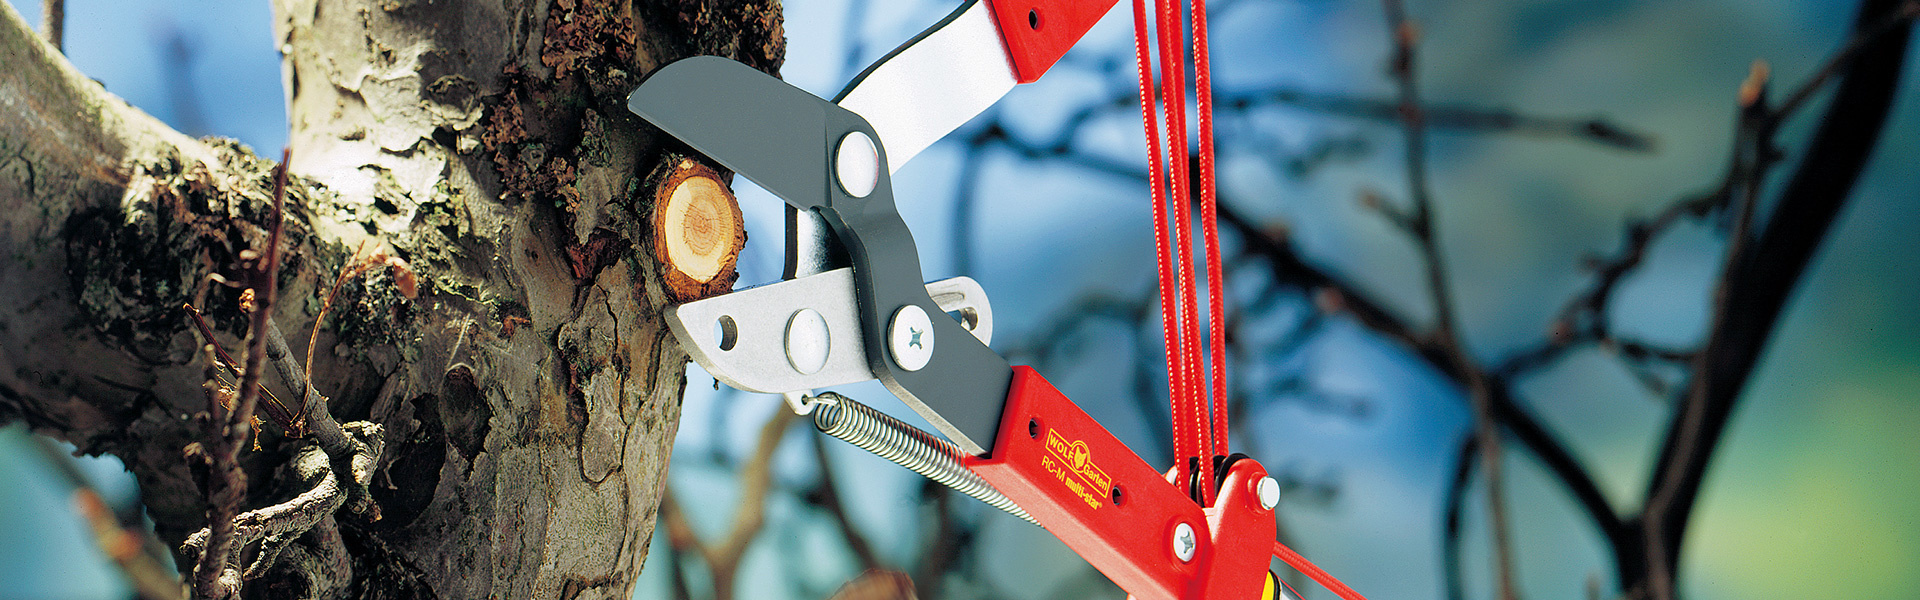 multi-star® boomverzorging zonder ladder | WOLF-Garten